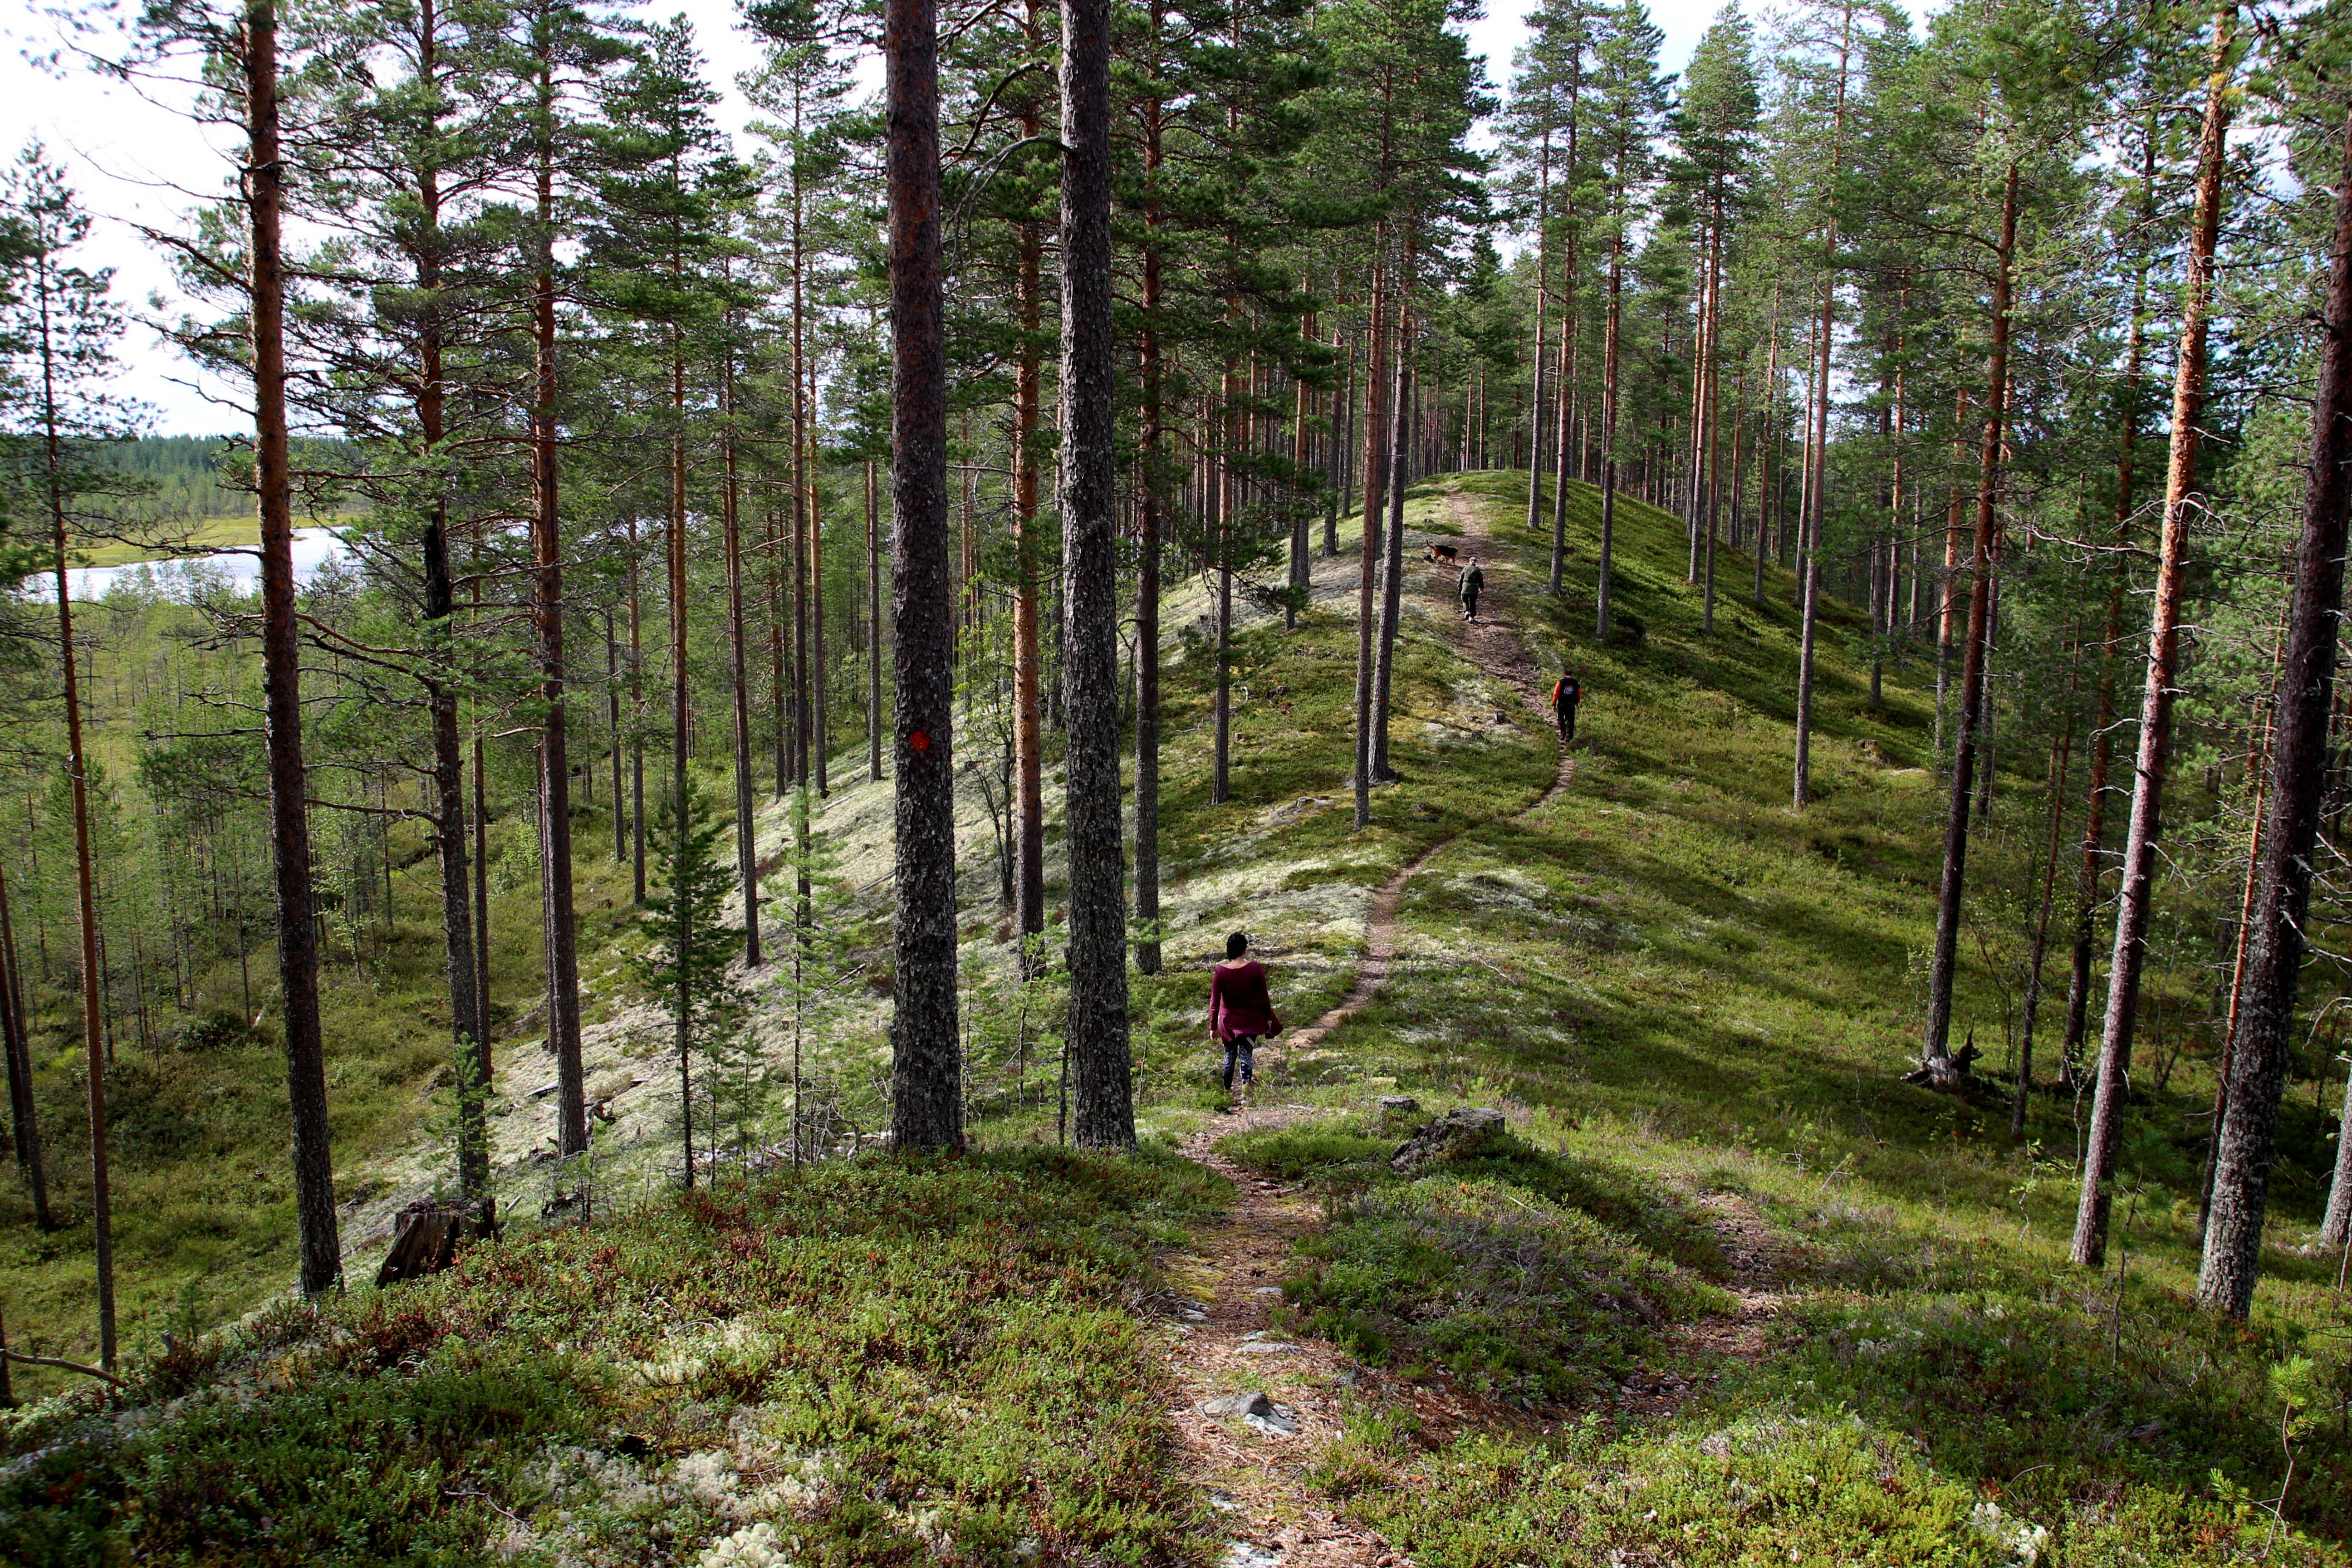 Harju hölkällä (harjuholkalla), Roine Piirainen/Kuvia Suomesta